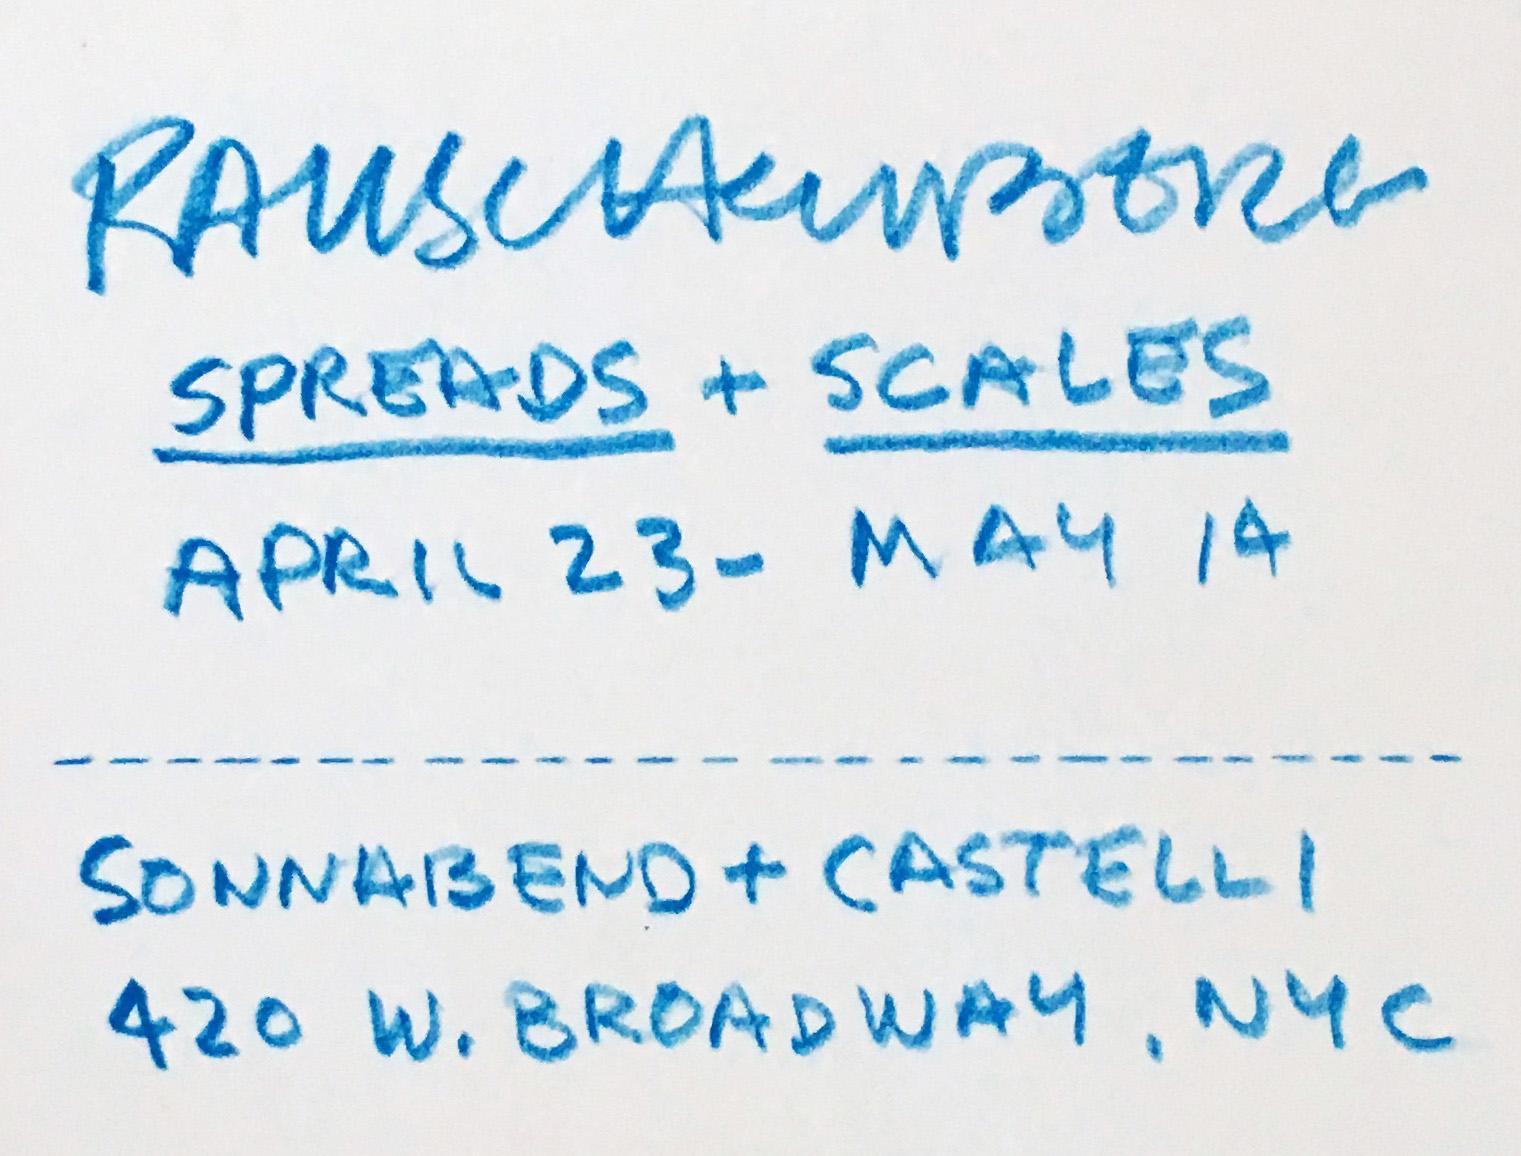 Robert Rauschenberg - Rauschenberg Spreads and Scales (Castelli ...